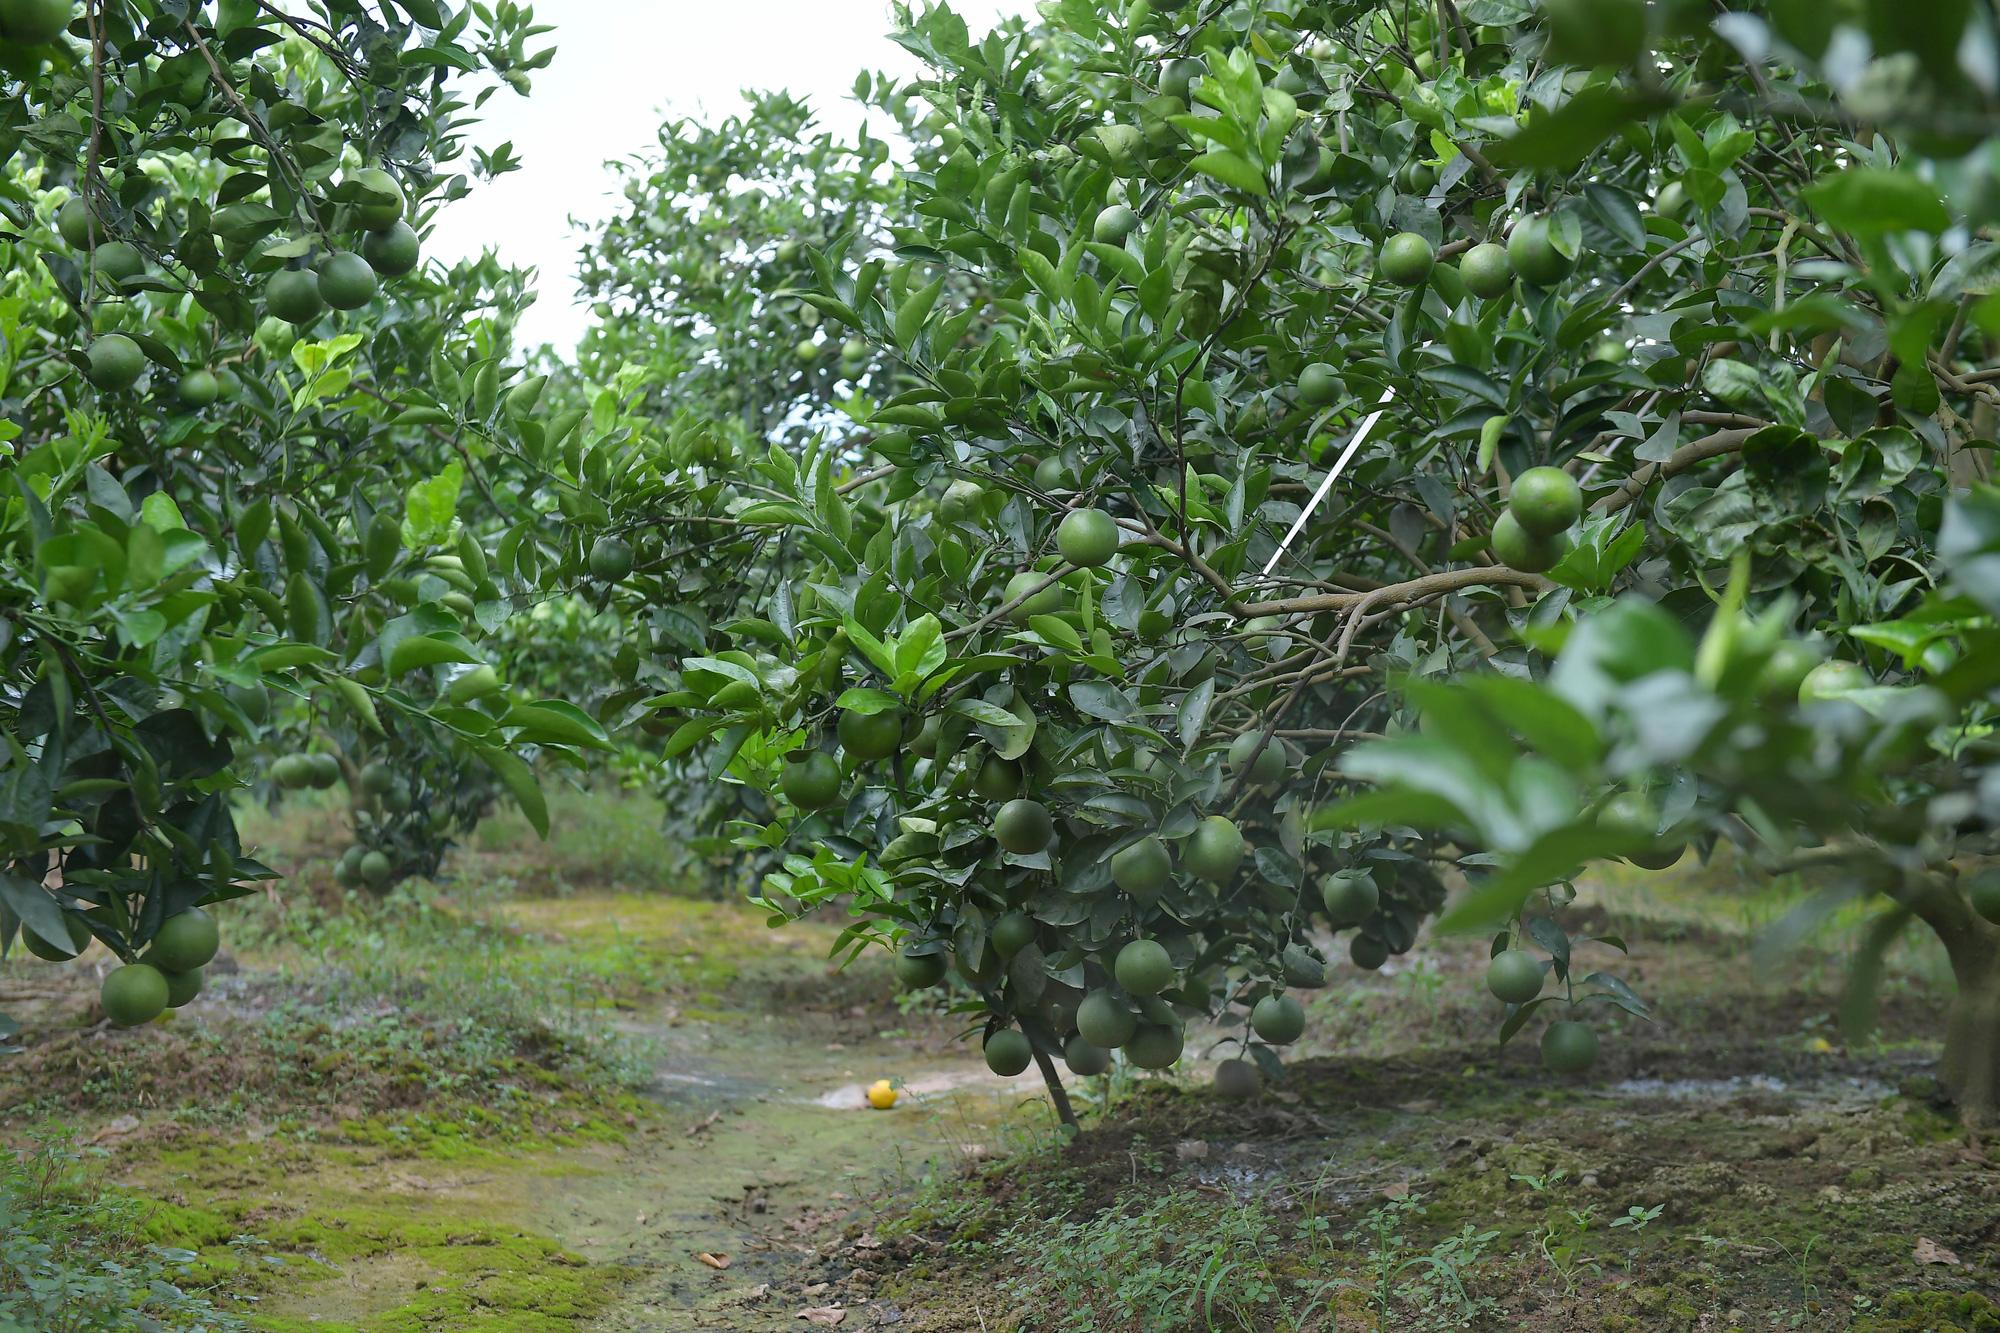 Dân ở đây trồng cam đặc sản ngon nức tiếng, cây sai trĩu quả, thu vài trăm triệu đồng một vụ là chuyện thường - Ảnh 7.